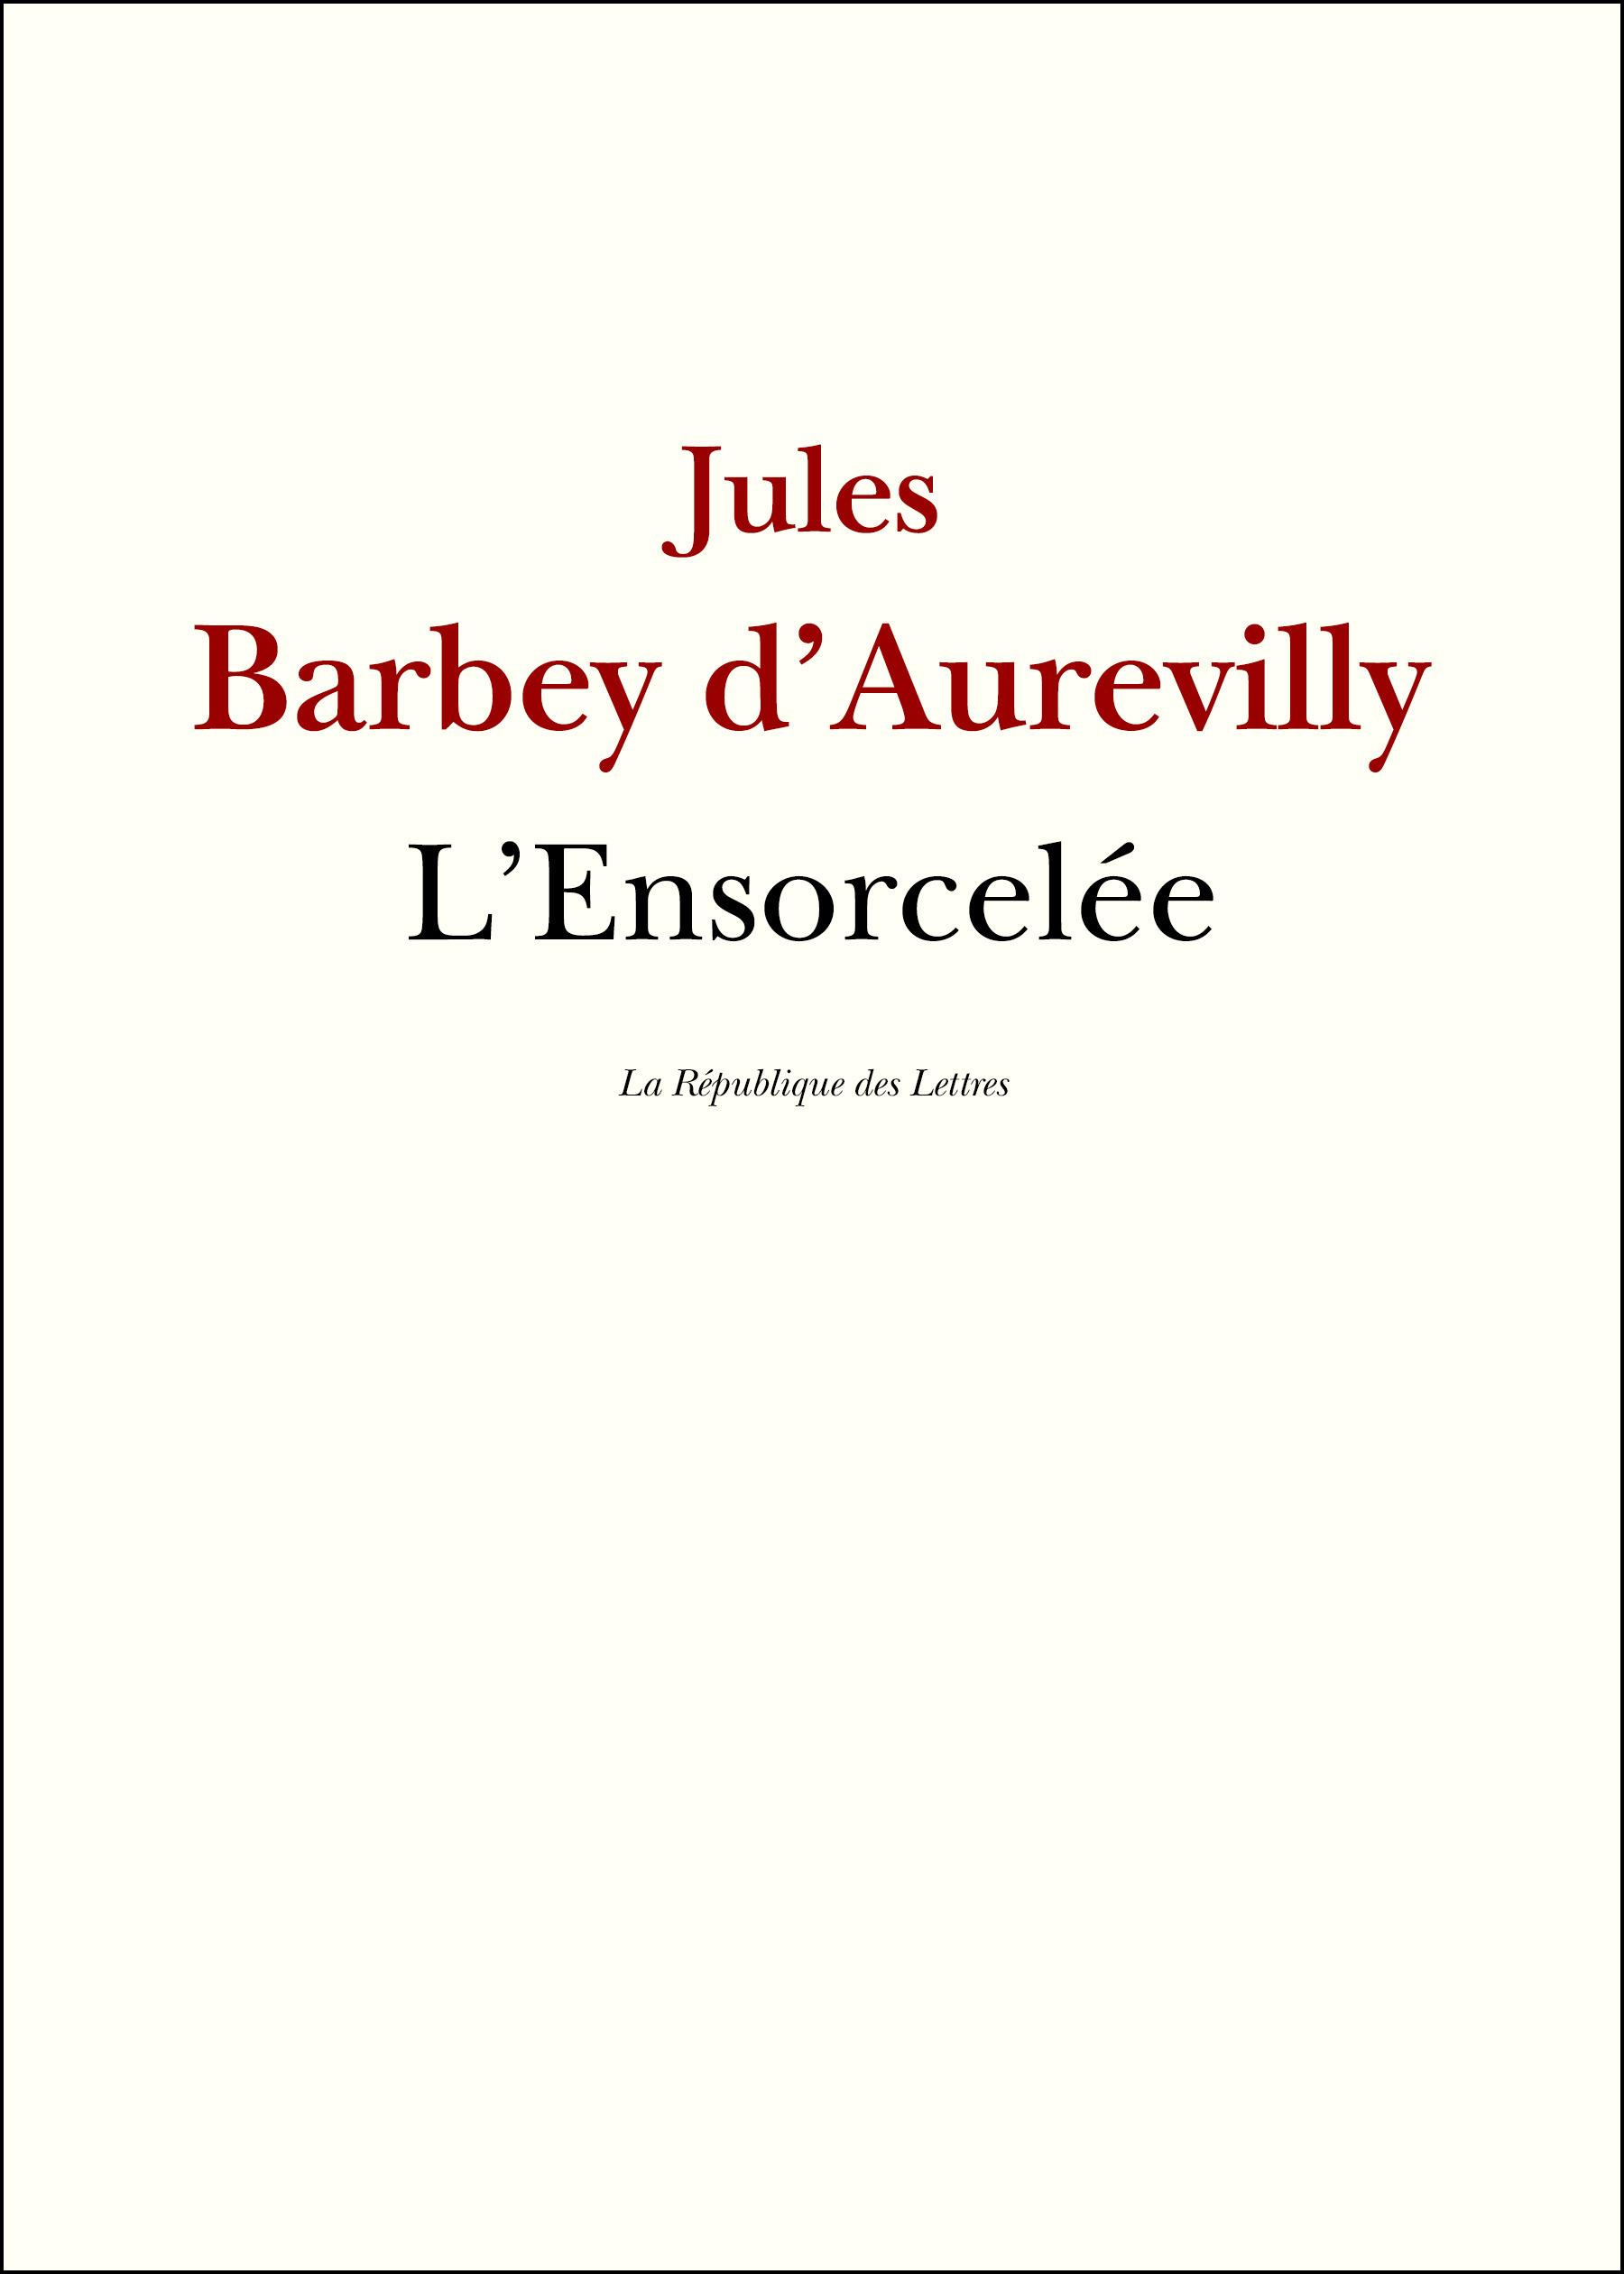 L'Ensorcelée  - Jules Barbey d'Aurevilly (1808-1889)